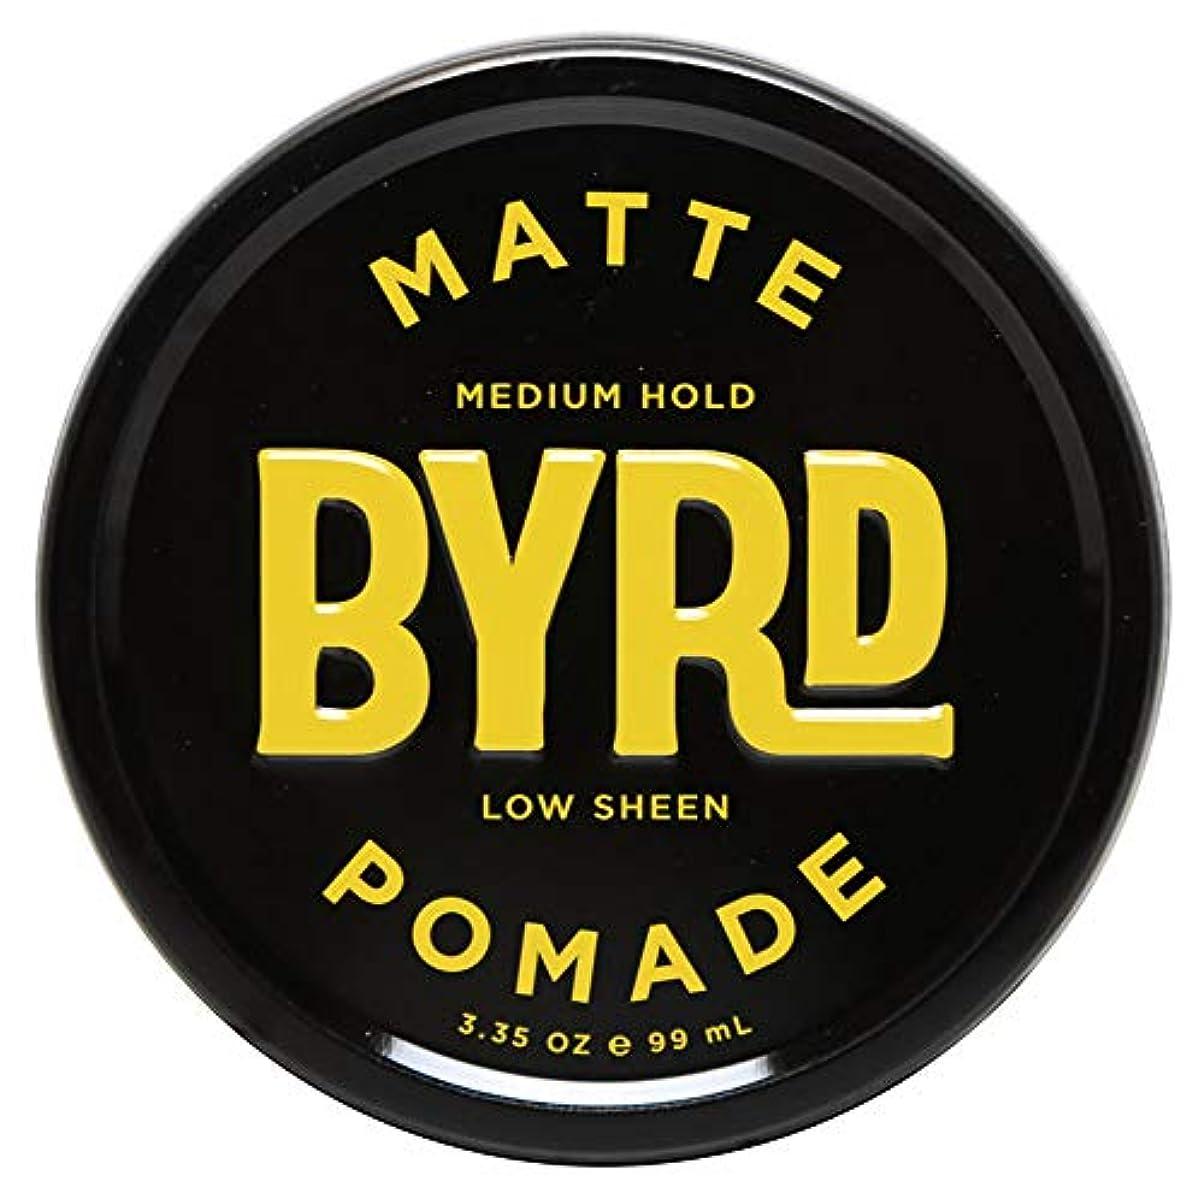 狂った抑止する風味BYRD バード MATTE POMADE 3.35OZ 99ml マット ポマード